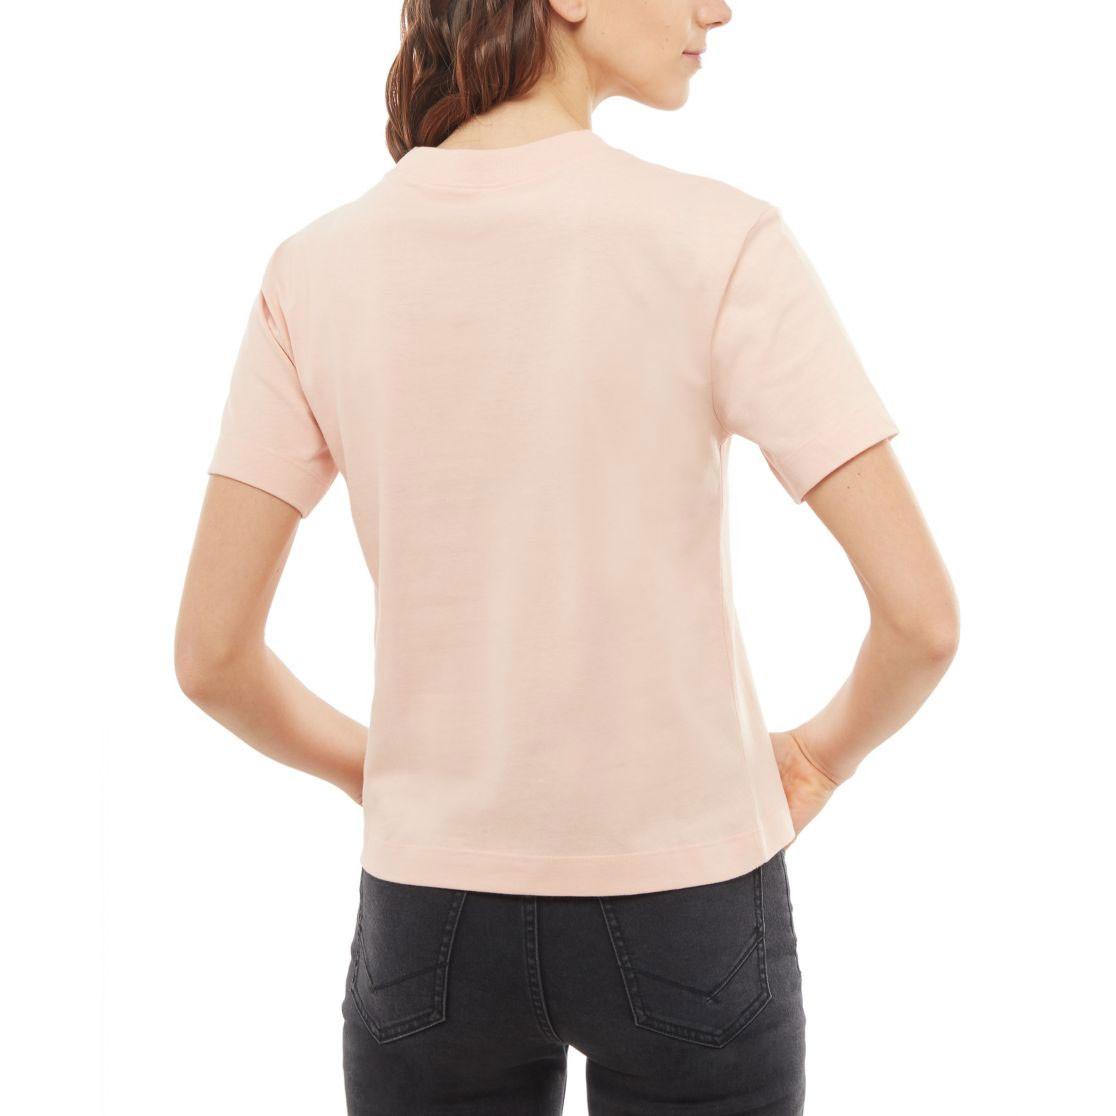 4c009c6fa6a987 T-shirt Vans Boom Boom Boxy rose cloud